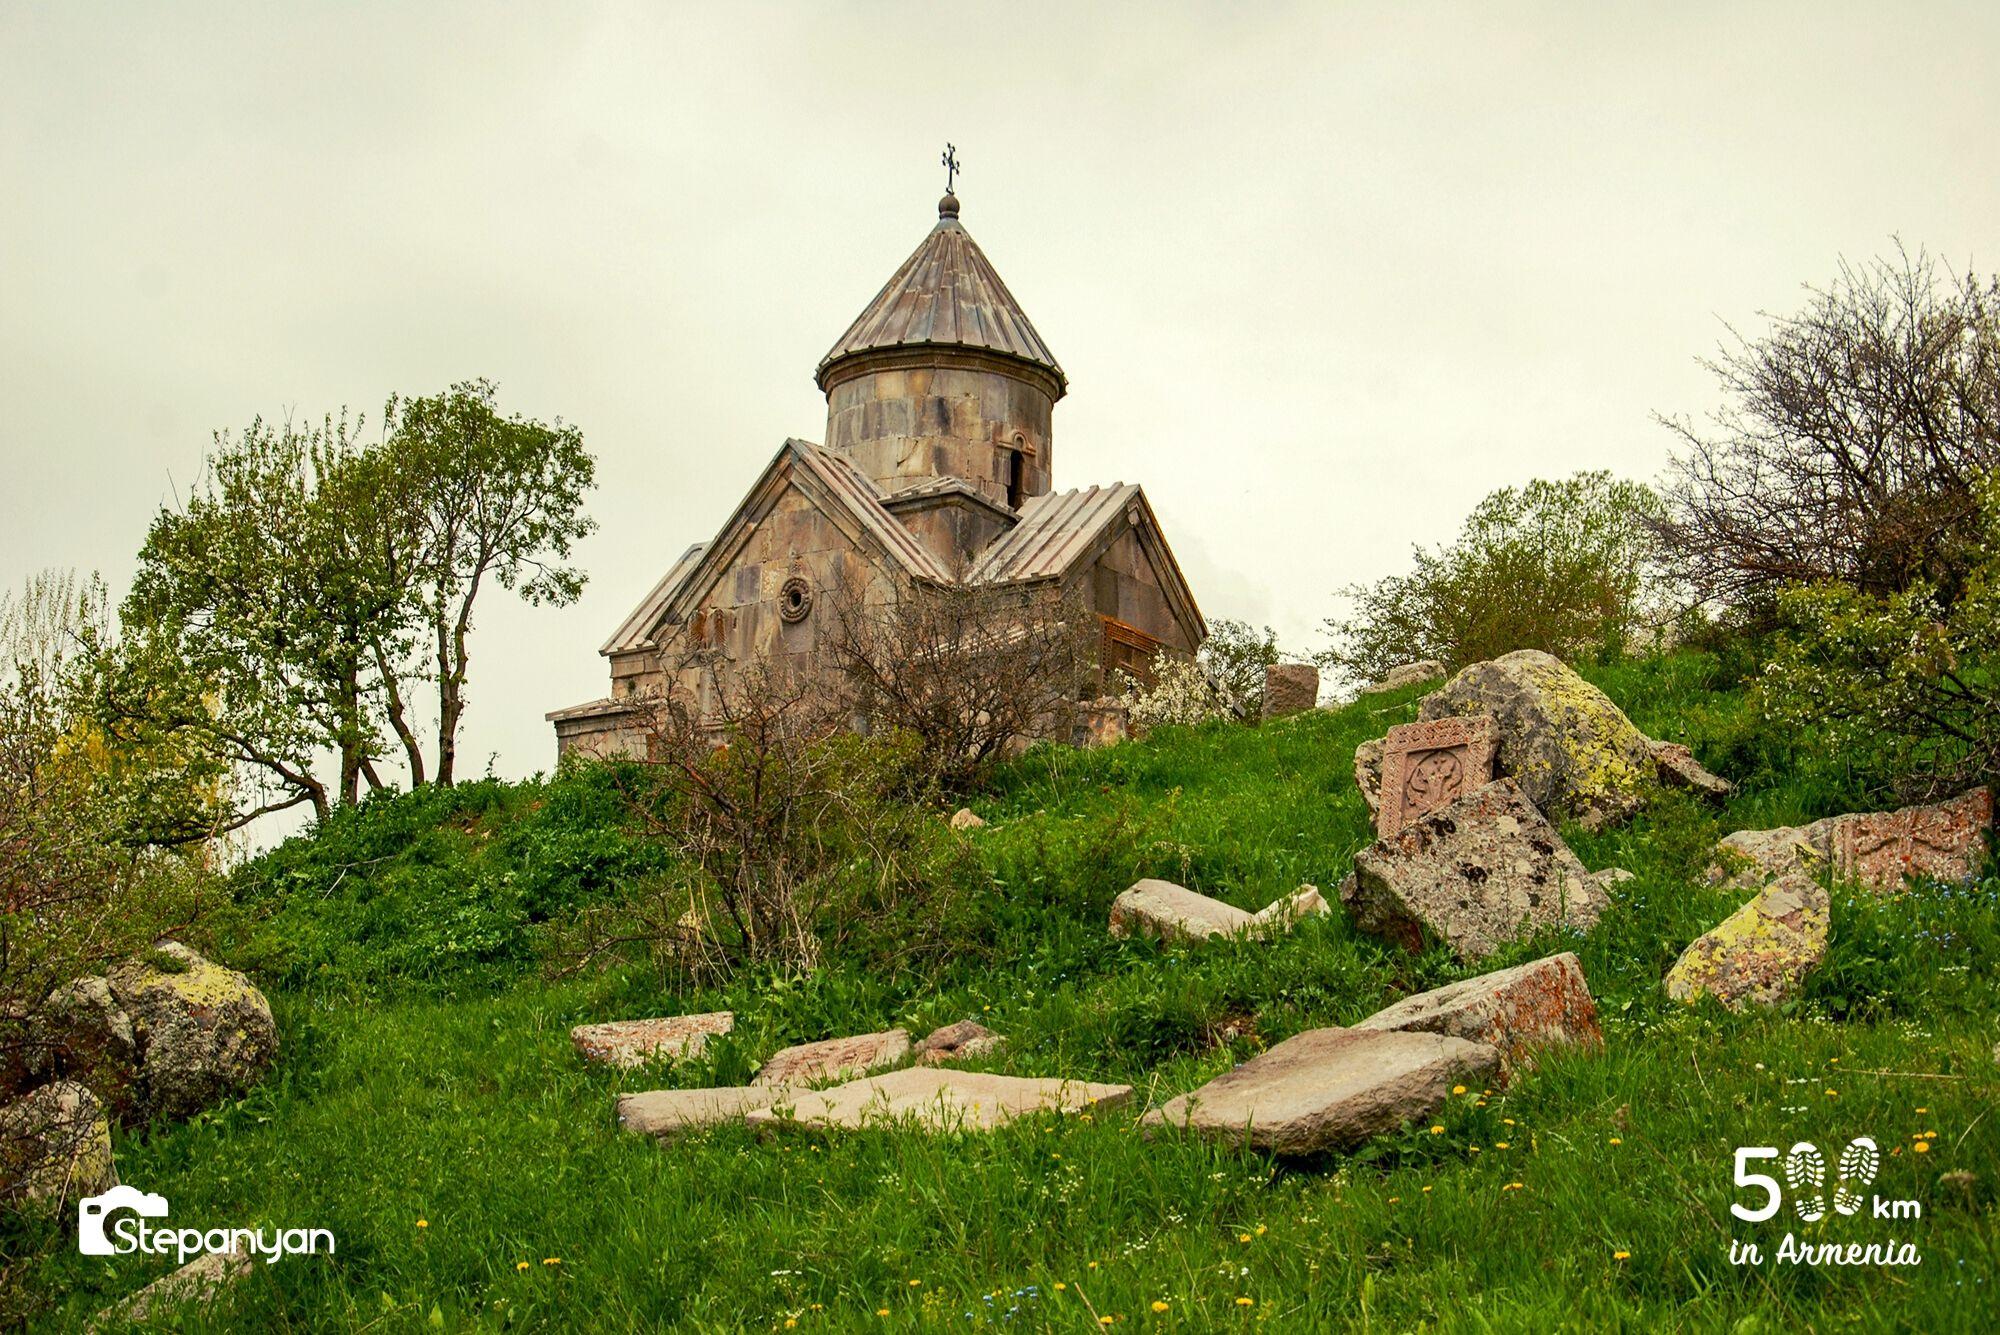 Ցաղաց քար - 500 կմ Հայաստանում